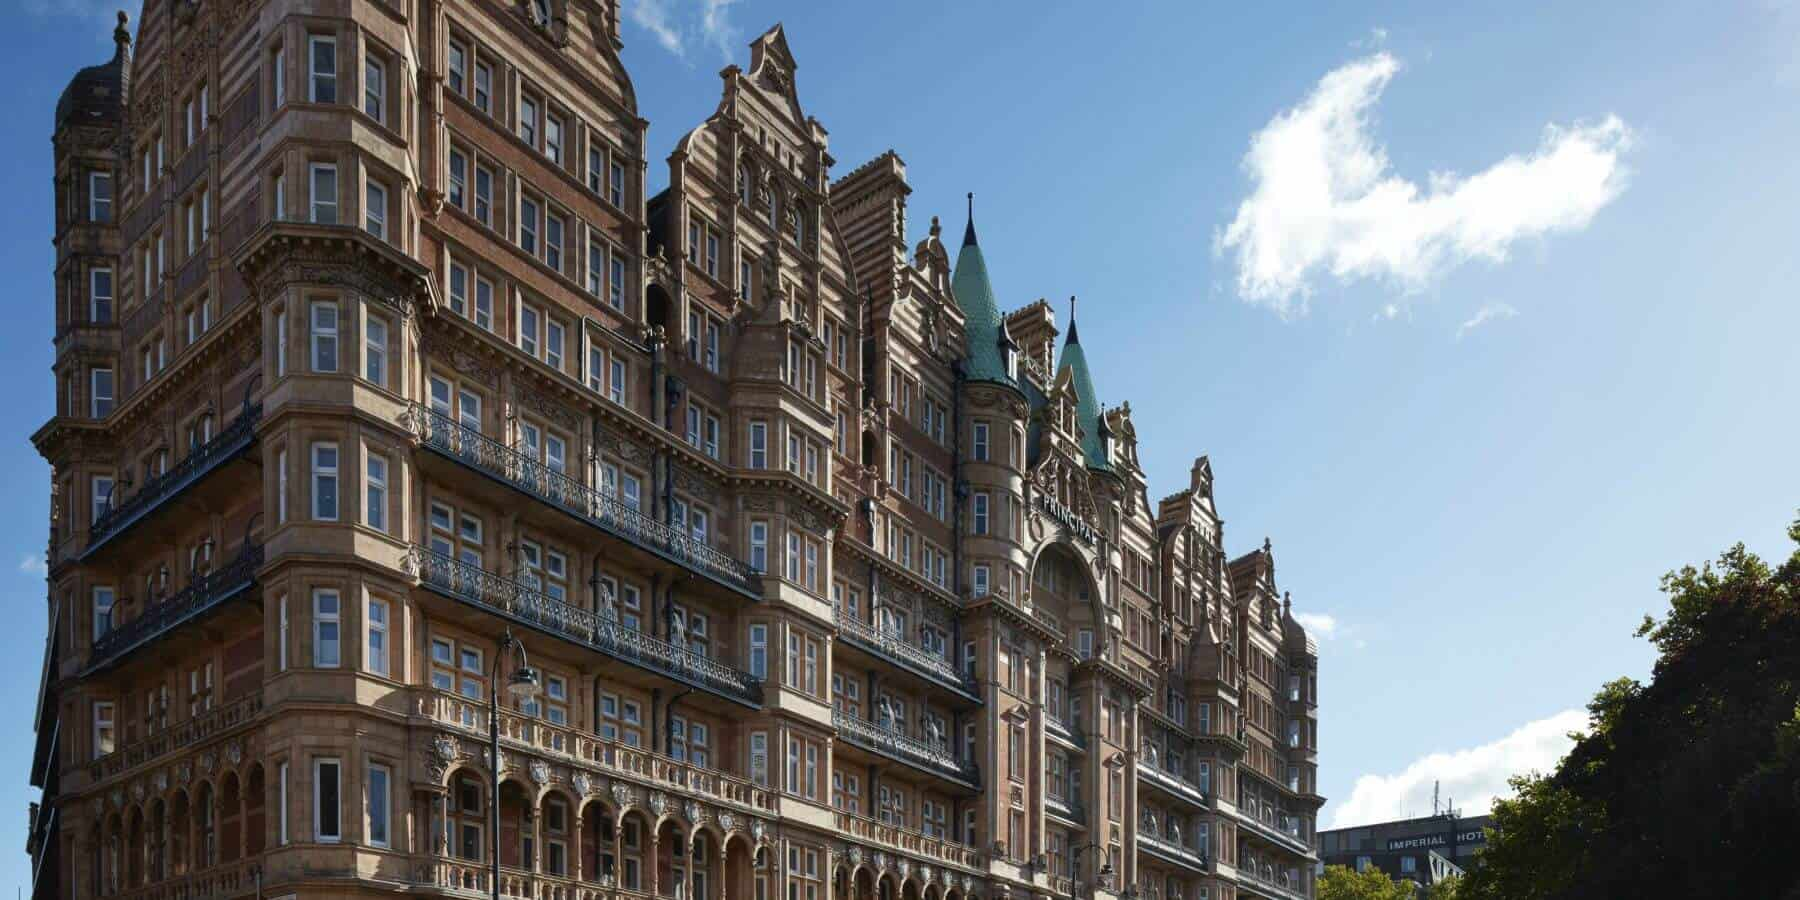 New Luxury Hotels Opening in London in 2019